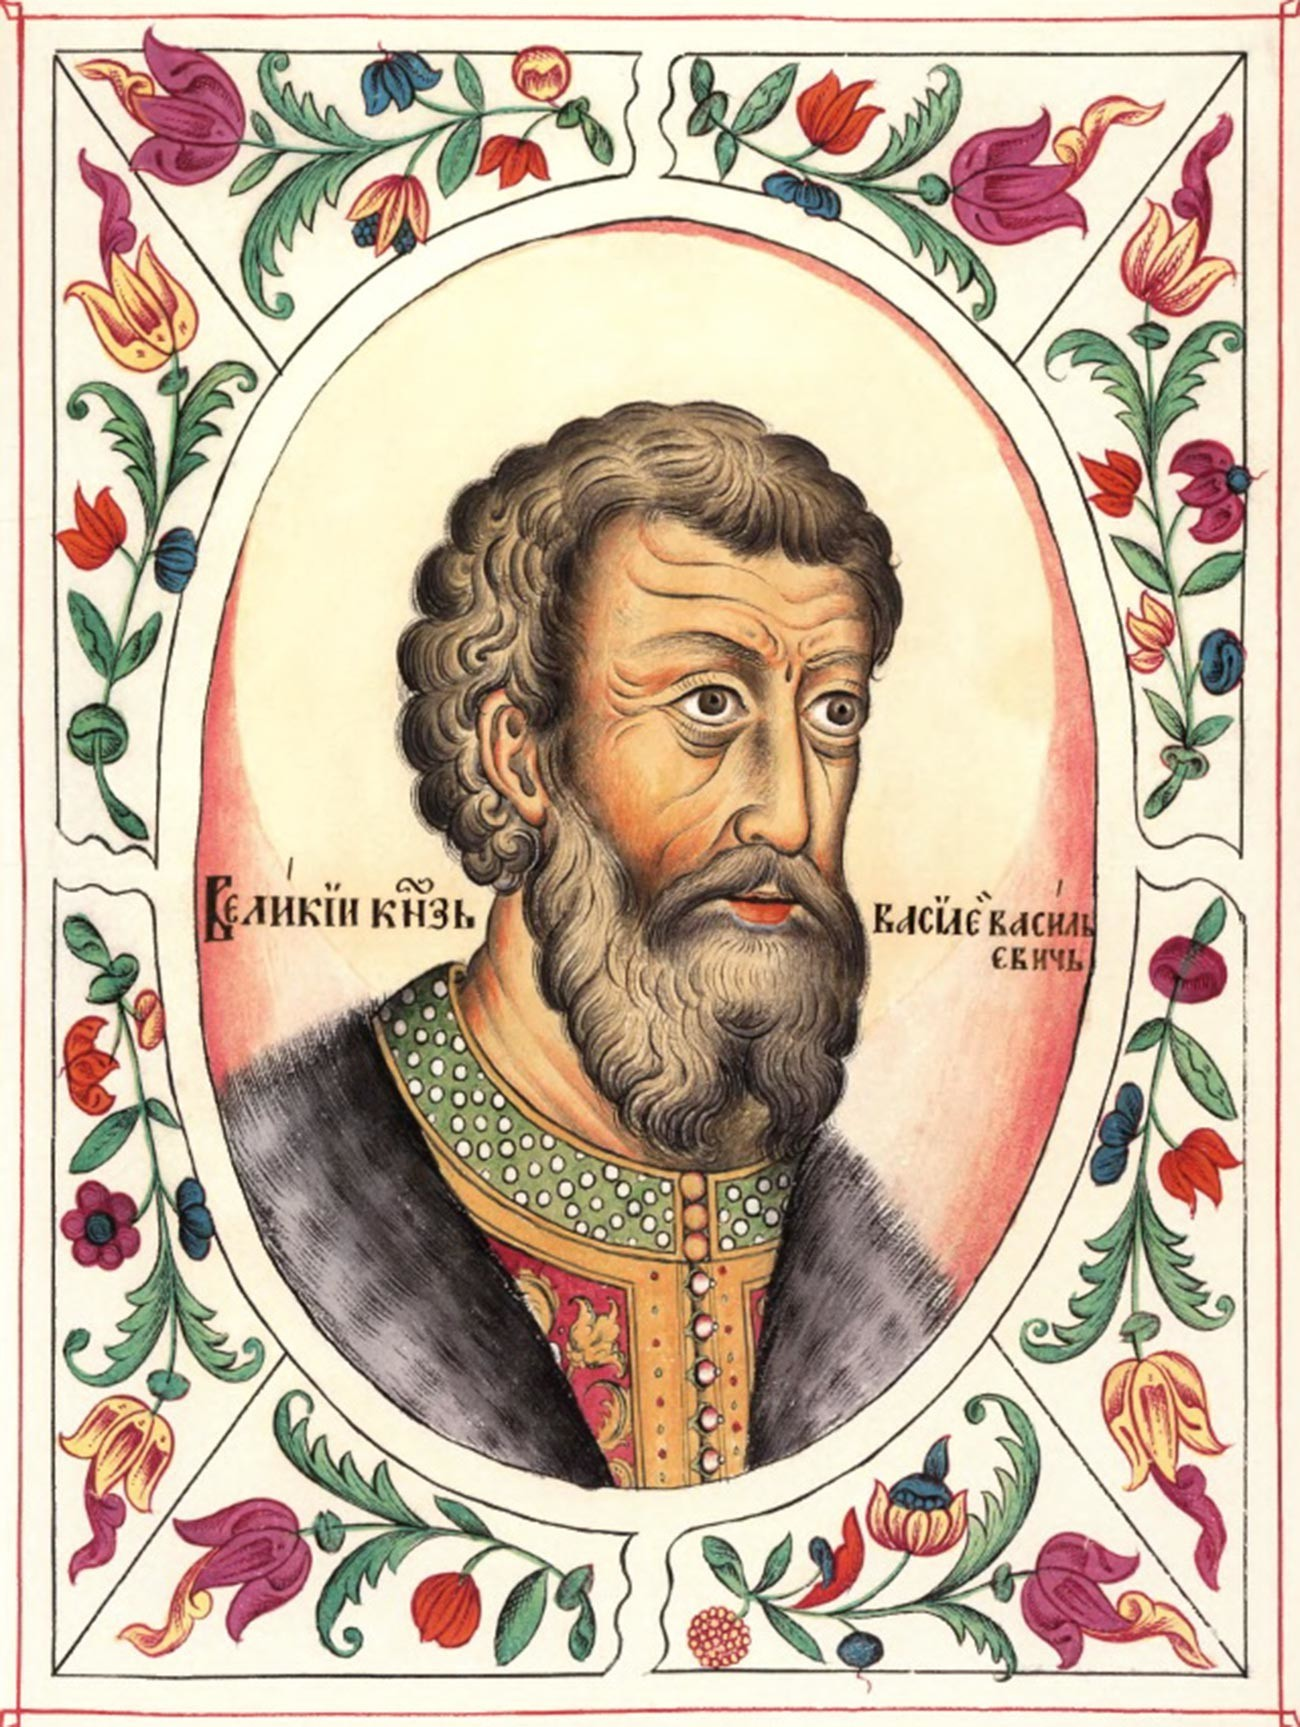 Vasily II dari Moskow. Potret ini hanyalah gambar dari sebuah kronik. Kami tidak memiliki gambar Vasily dan tidak tahu bagaimana penampilannya.